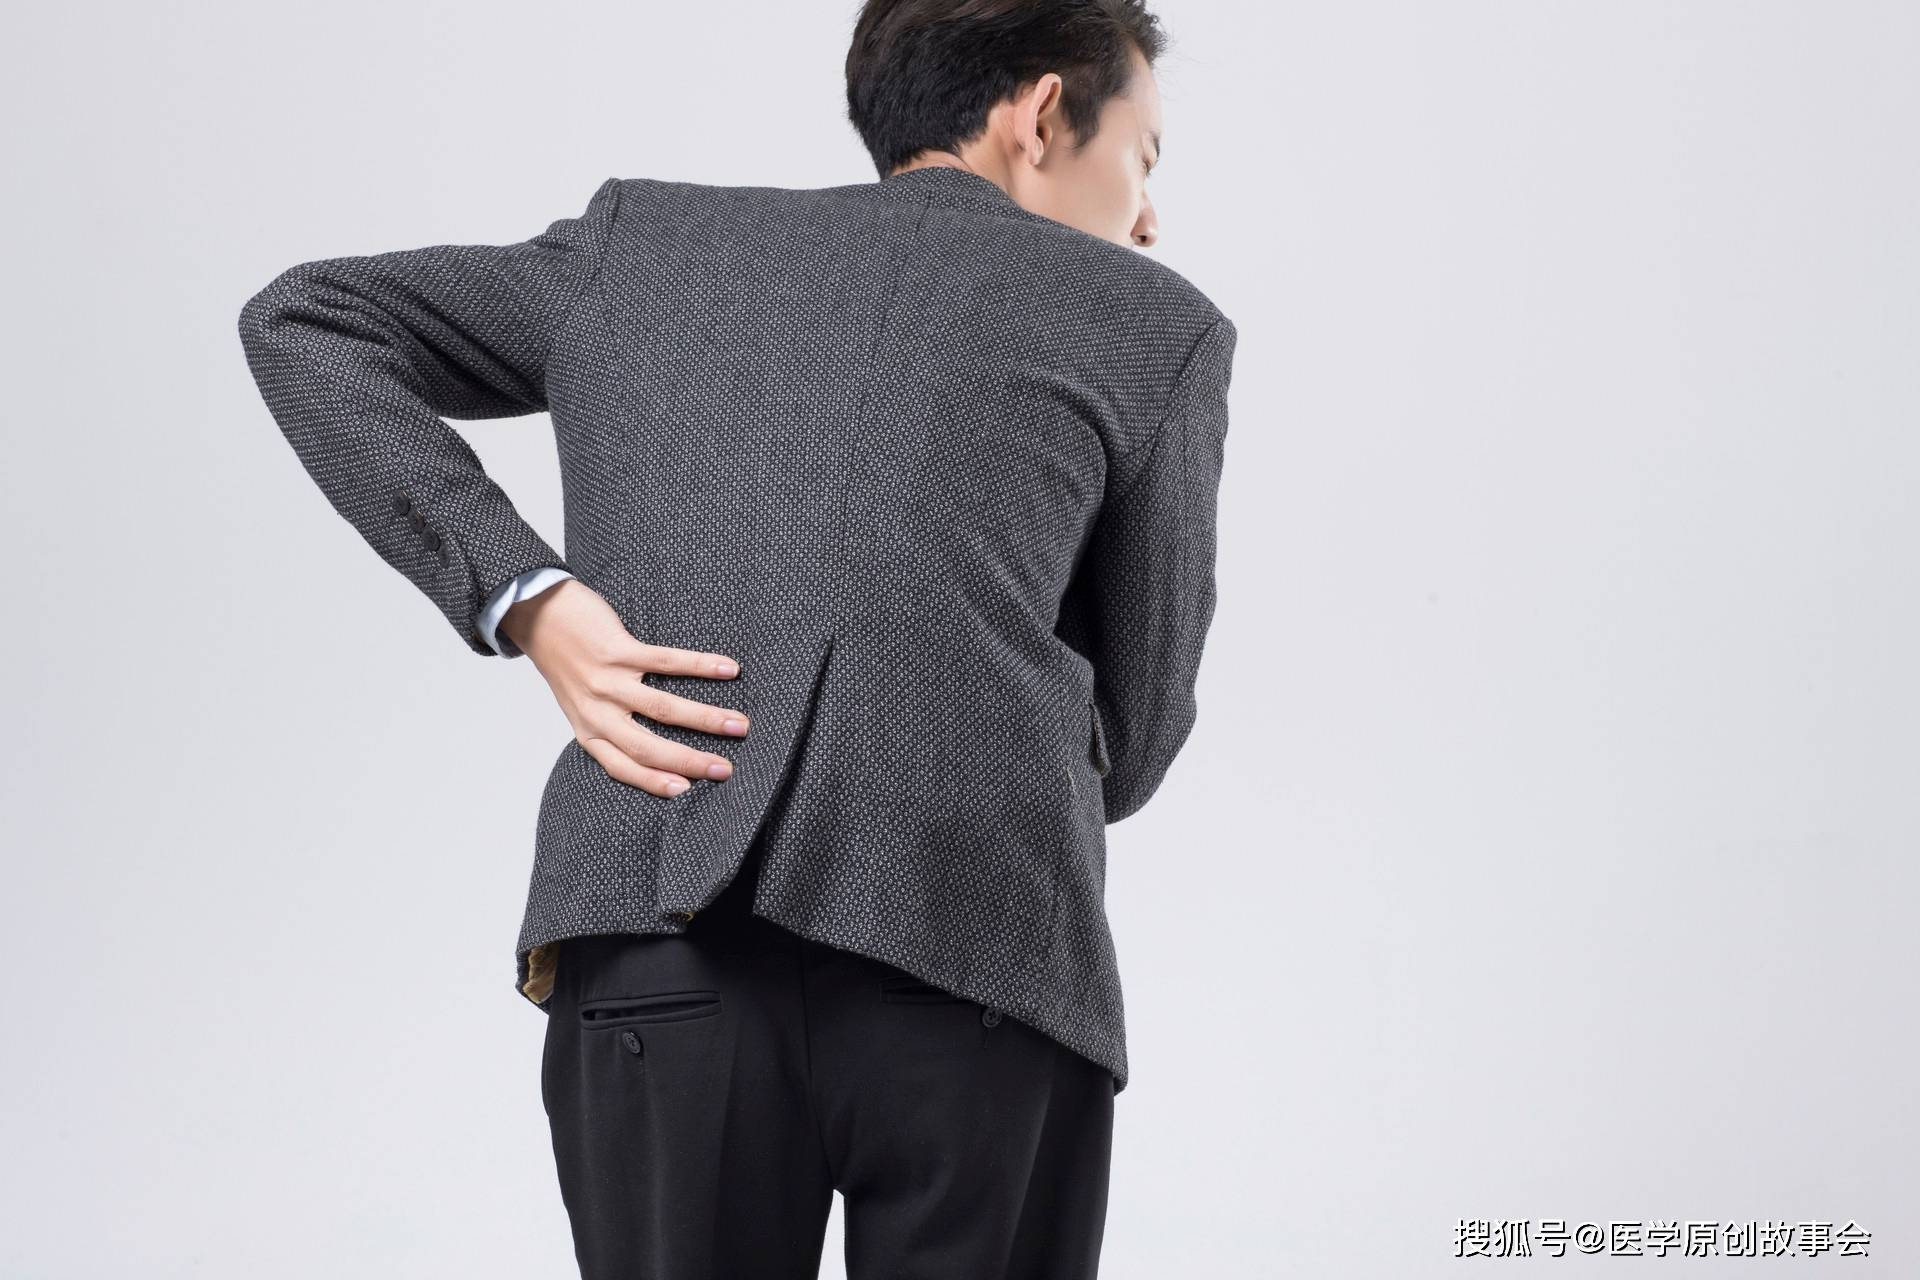 体内有癌,腰背先知,你的腰背部若有这一种表现,越早检查越好